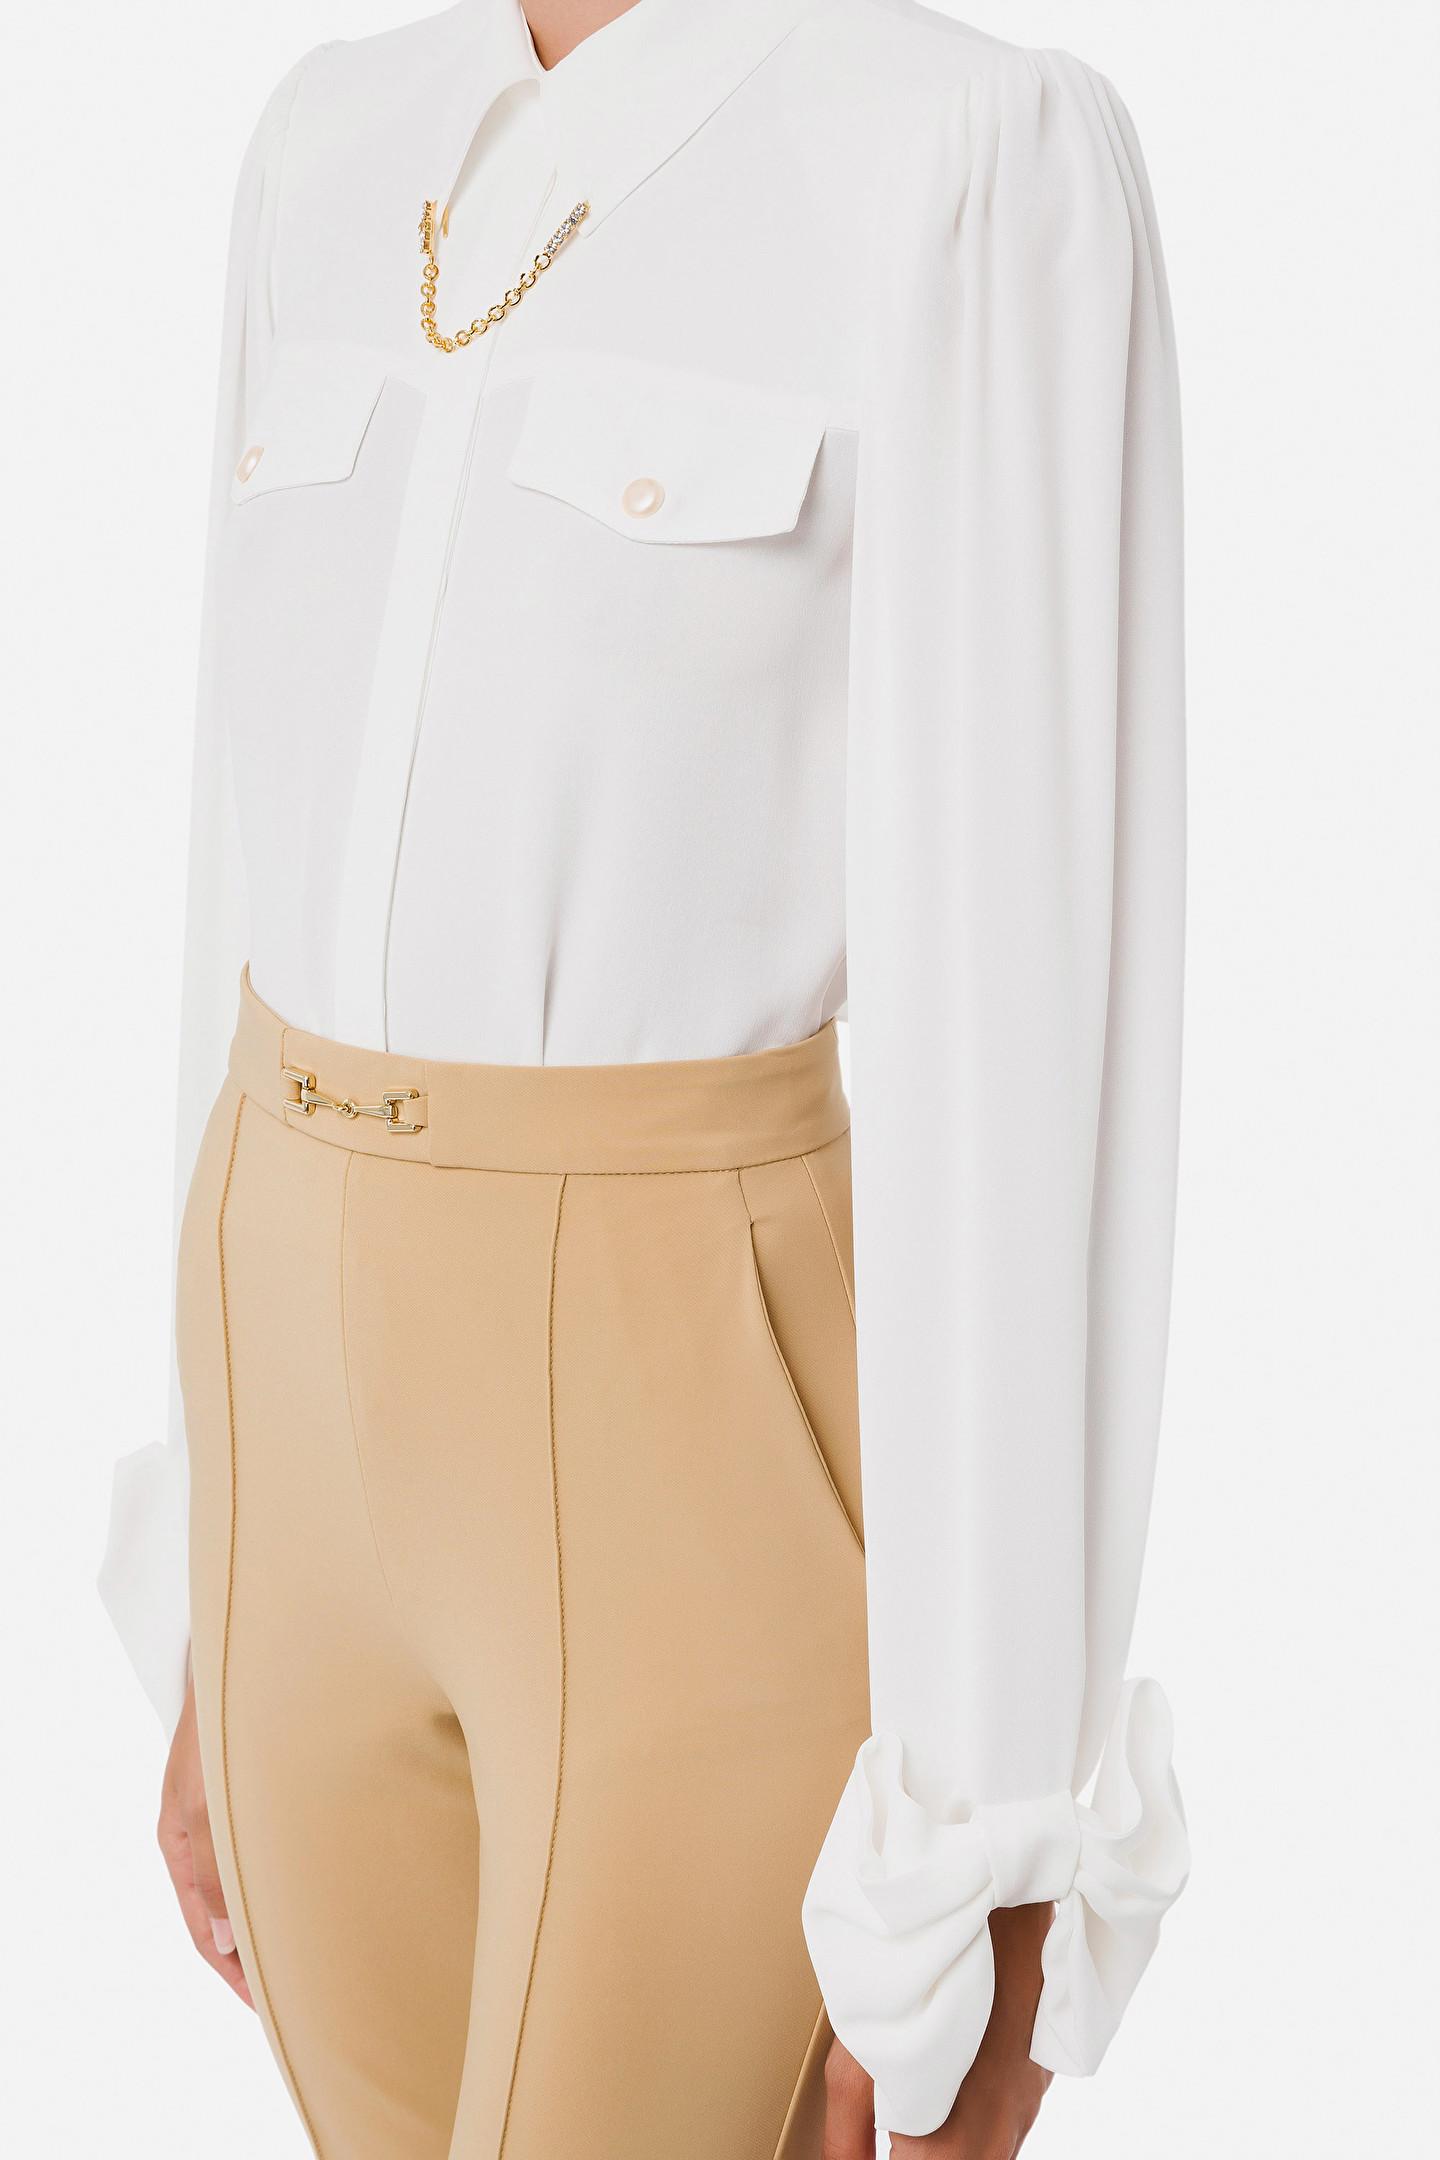 Camicia Donna bianco Elisabetta Franchi   CA32216E2360